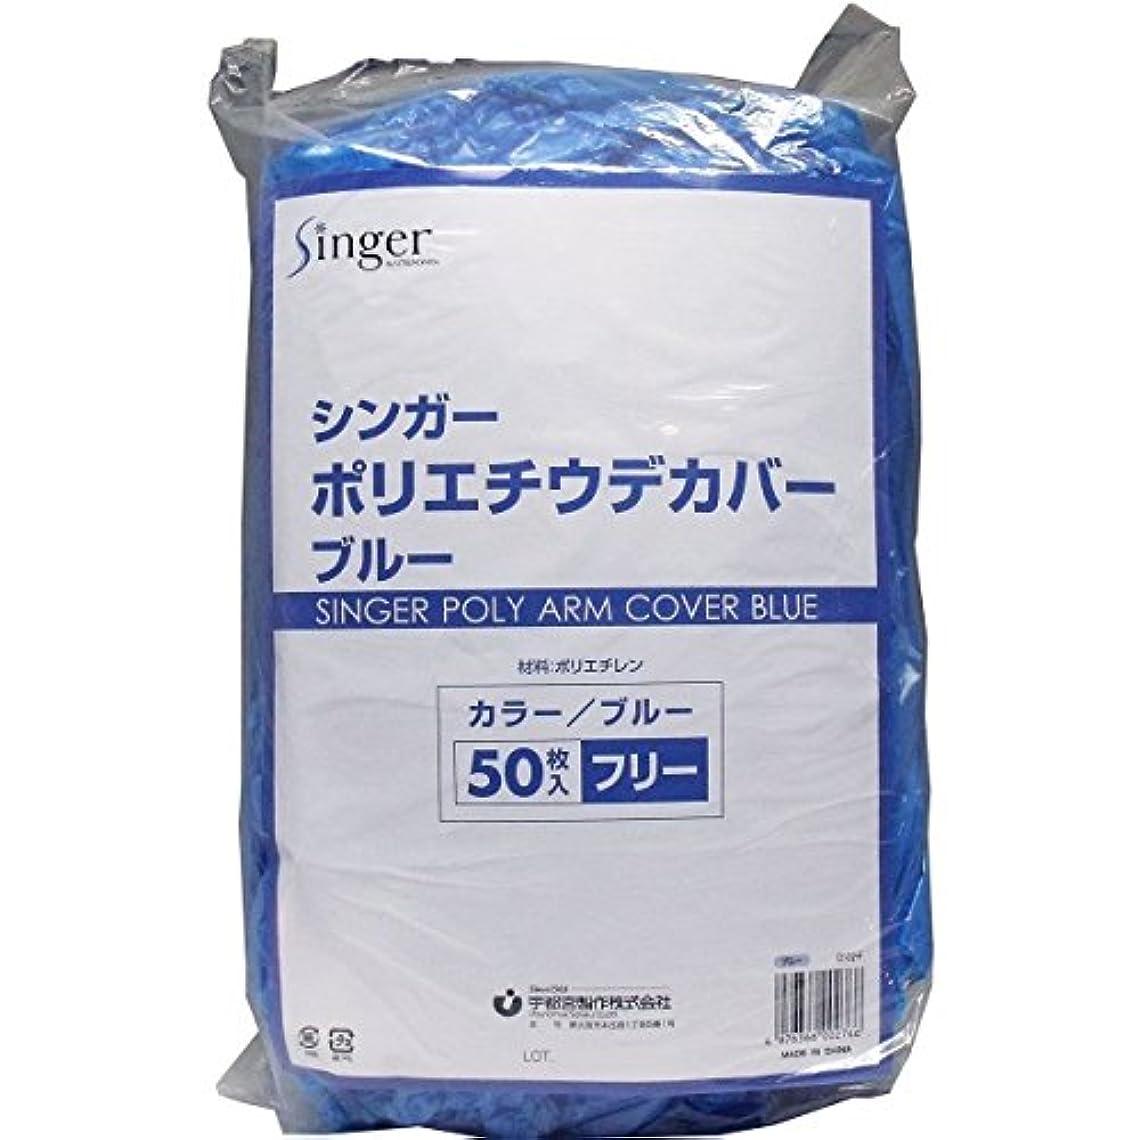 抱擁セーブの中でシンガー ポリエチウデカバー (腕カバー) ブルー フリーサイズ 1000枚入り 50枚x20袋